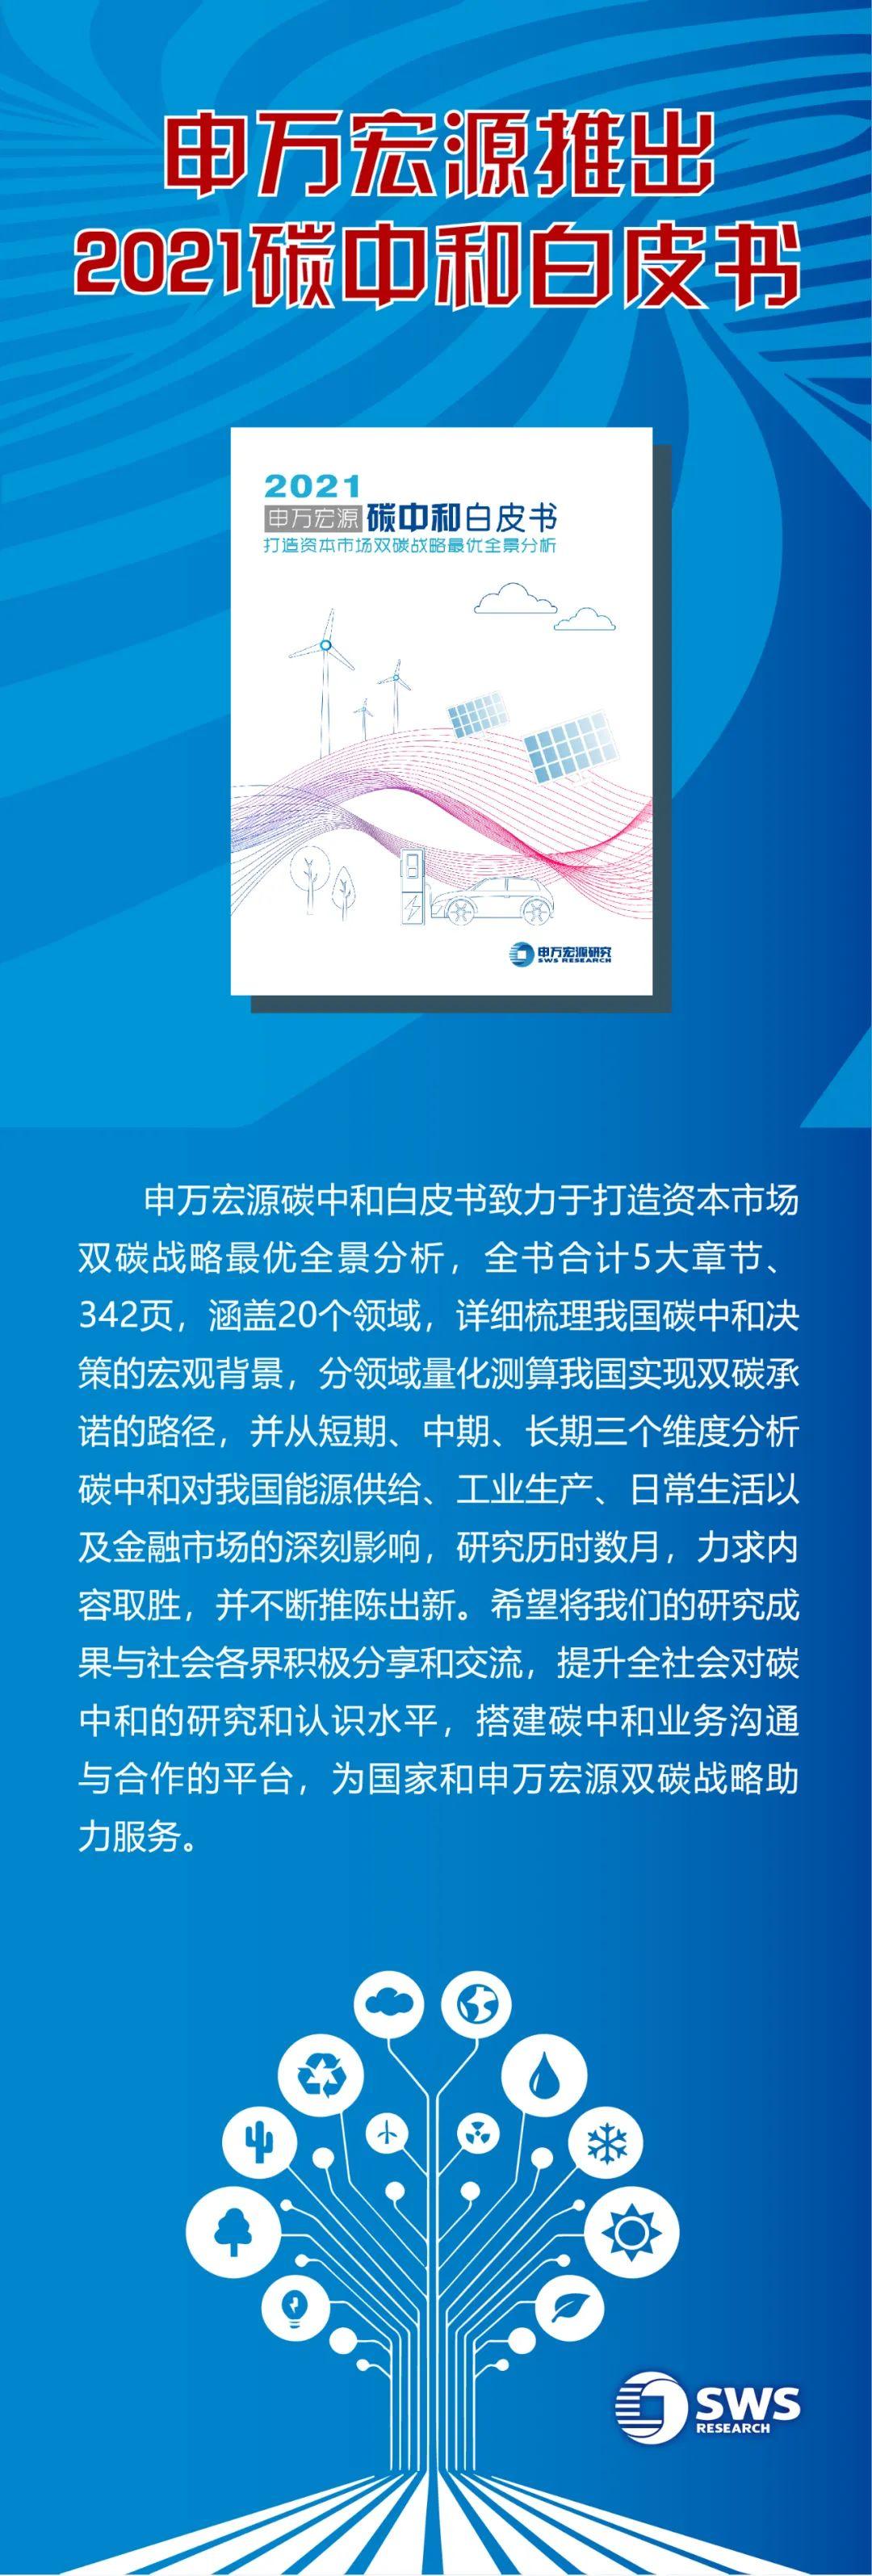 申万宏源推出2021碳中和白皮书